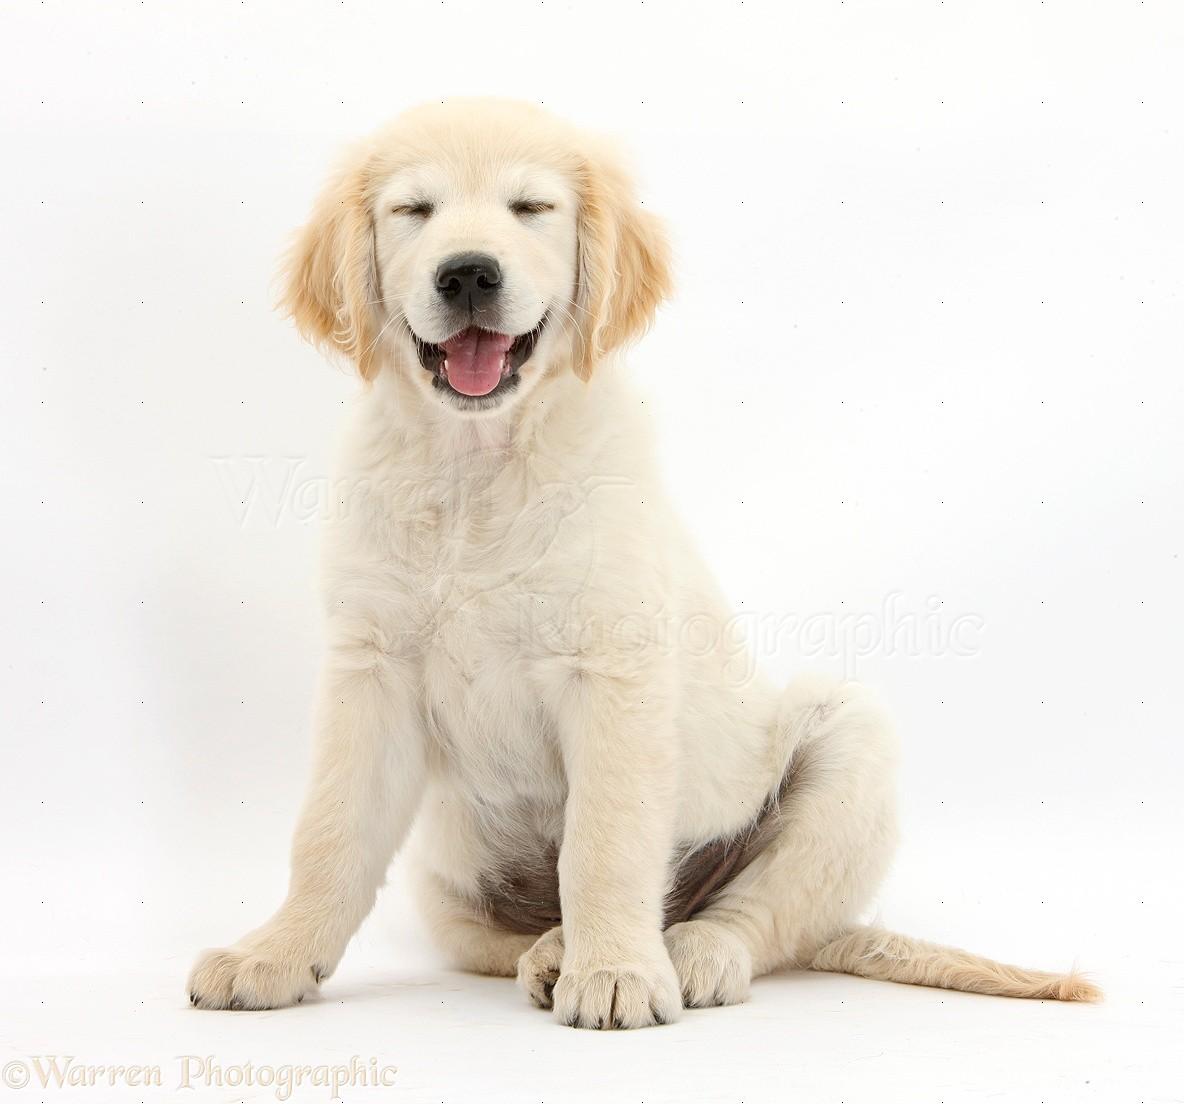 smiling dog white background - photo #23